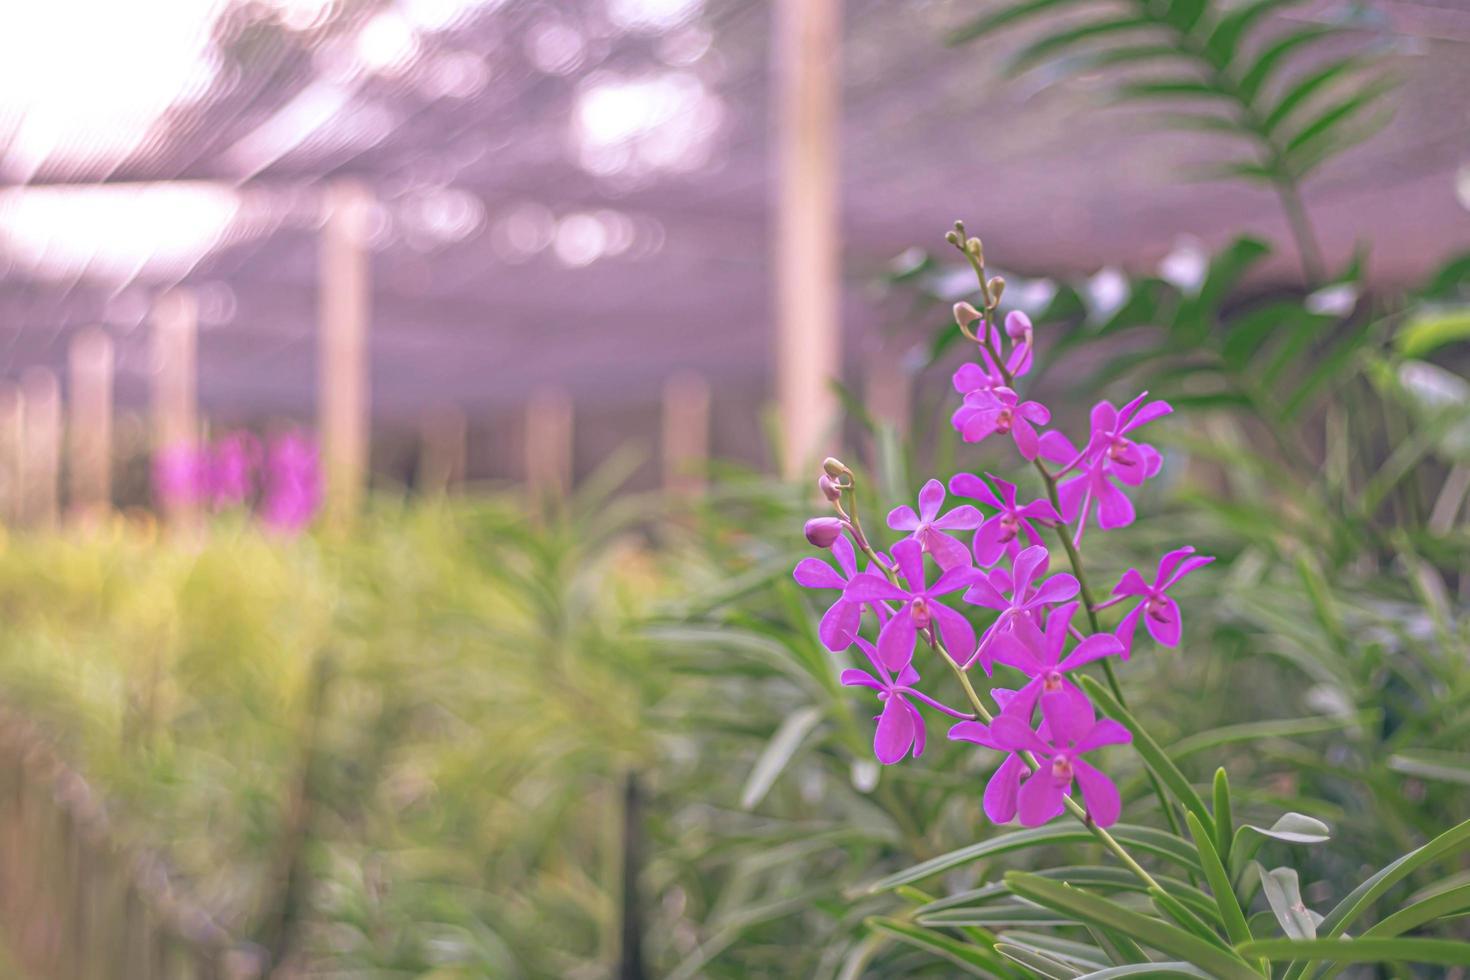 lila blommor i en trädgård foto